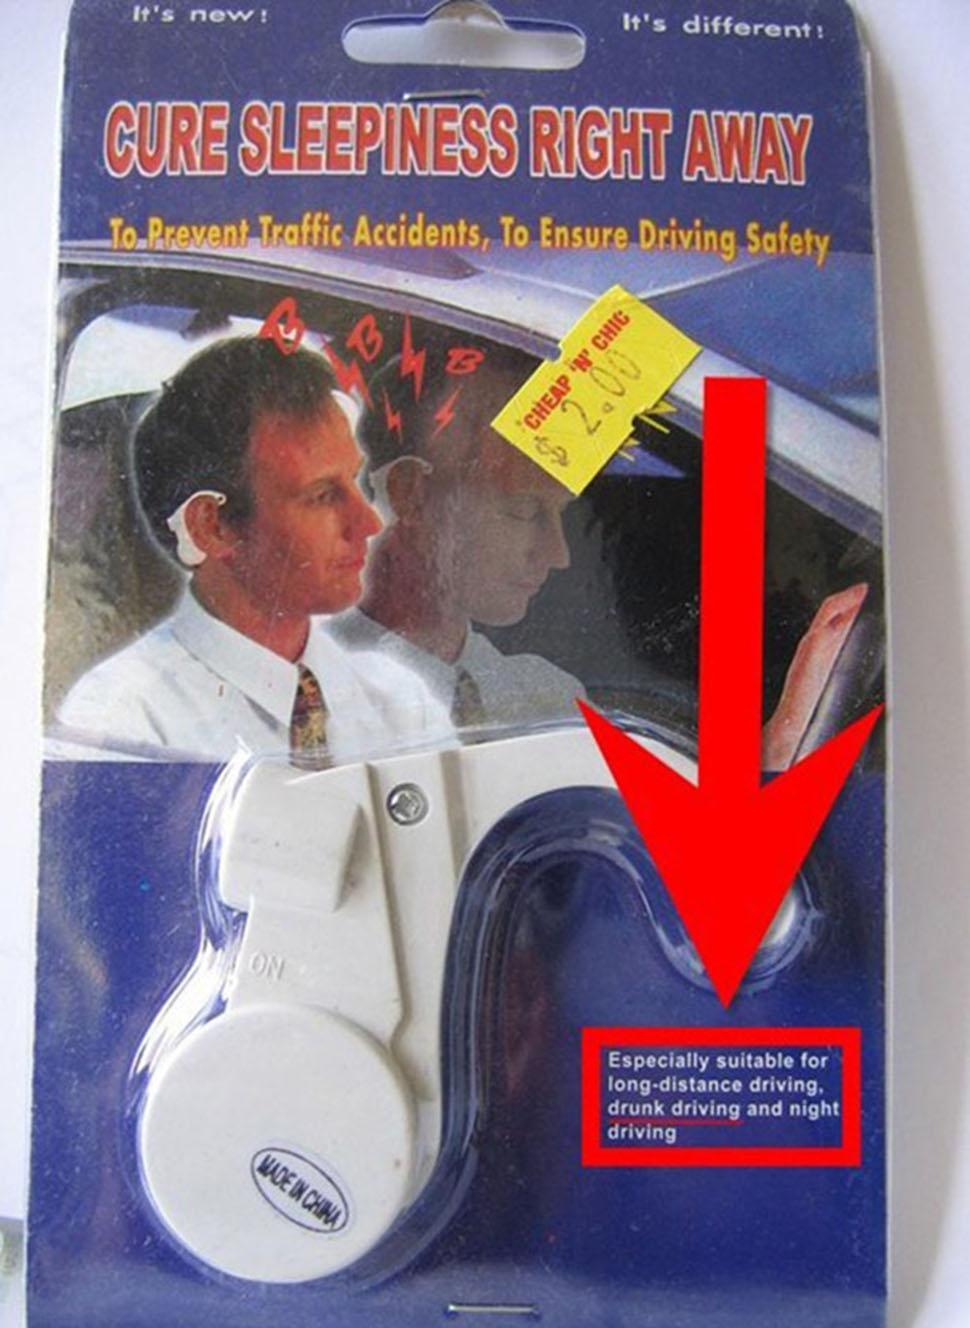 Специальный электрошокер предотвращает засыпание за рулем. На упаковке написано, что этот товар особ